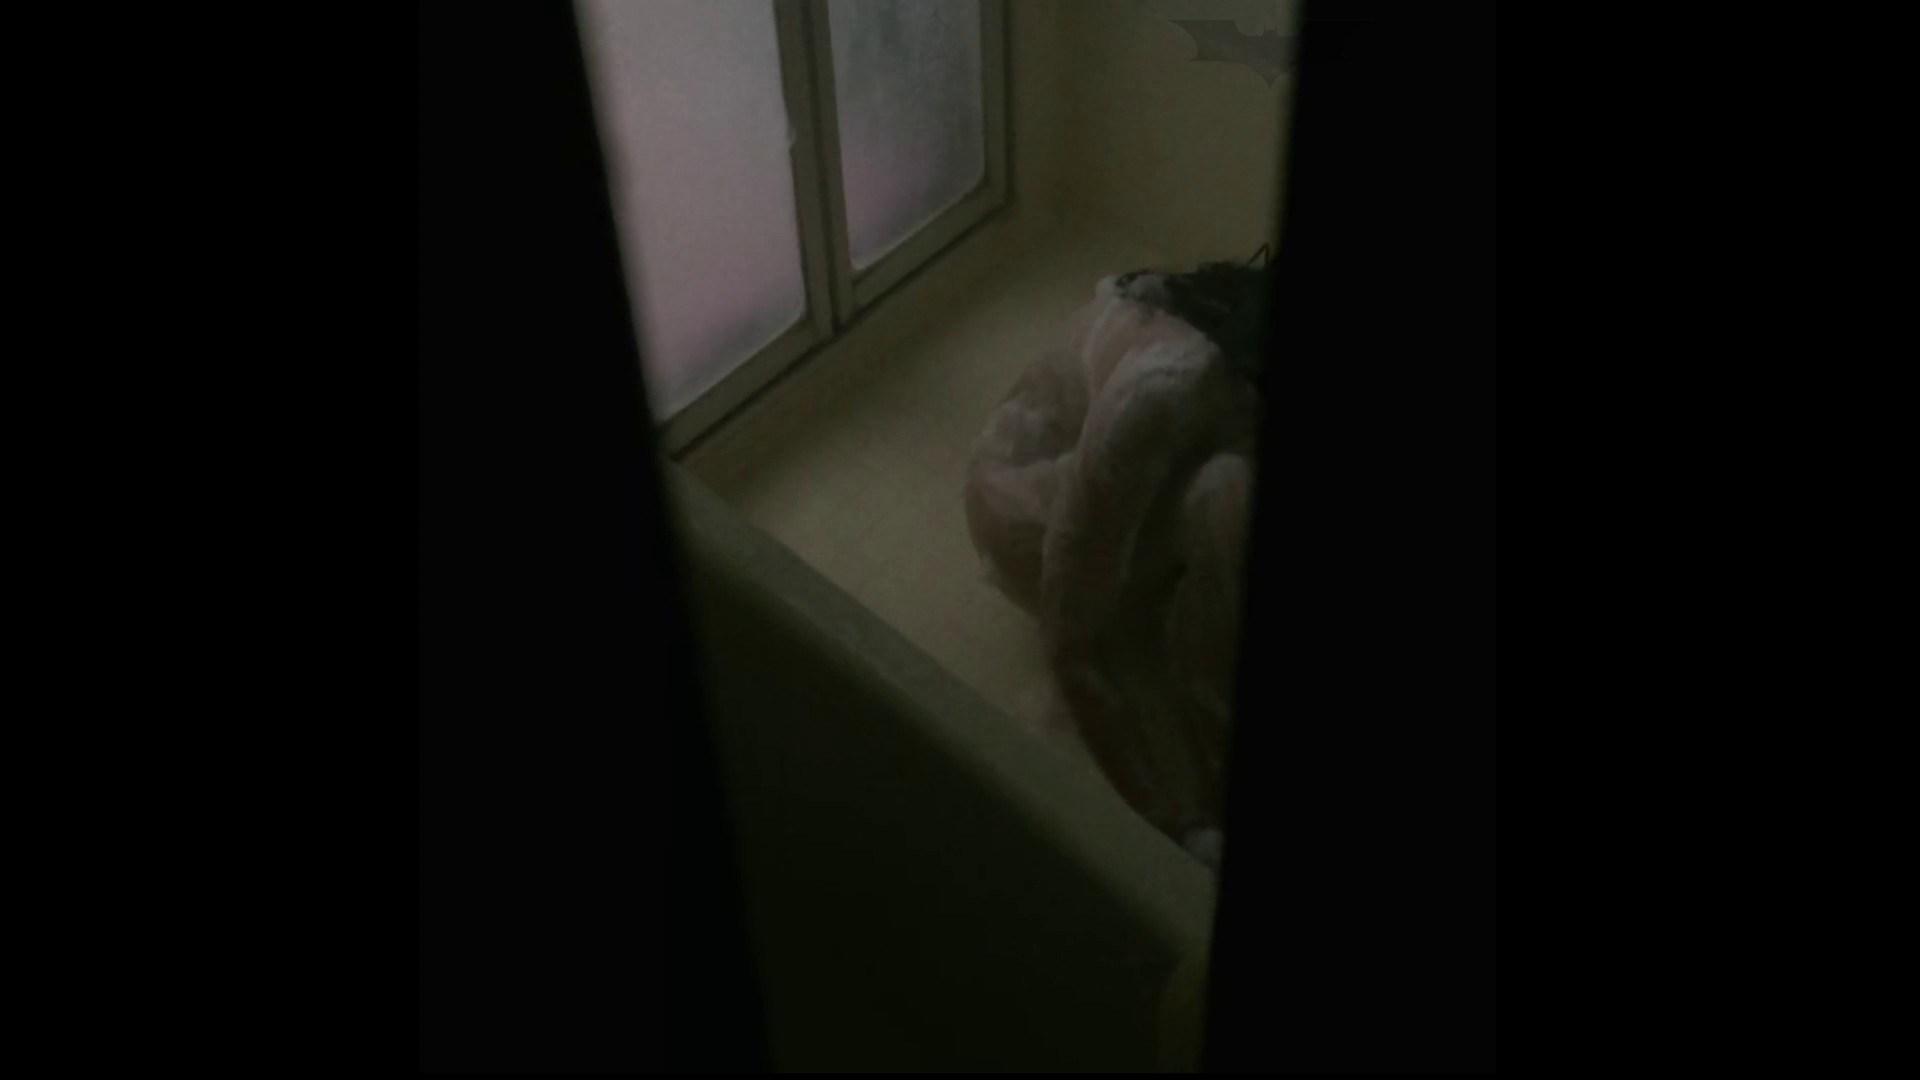 オマンコ丸見え:【19位 2016】リアルインパクト盗撮~入浴編 Vol.13 萌える注の入浴:怪盗ジョーカー